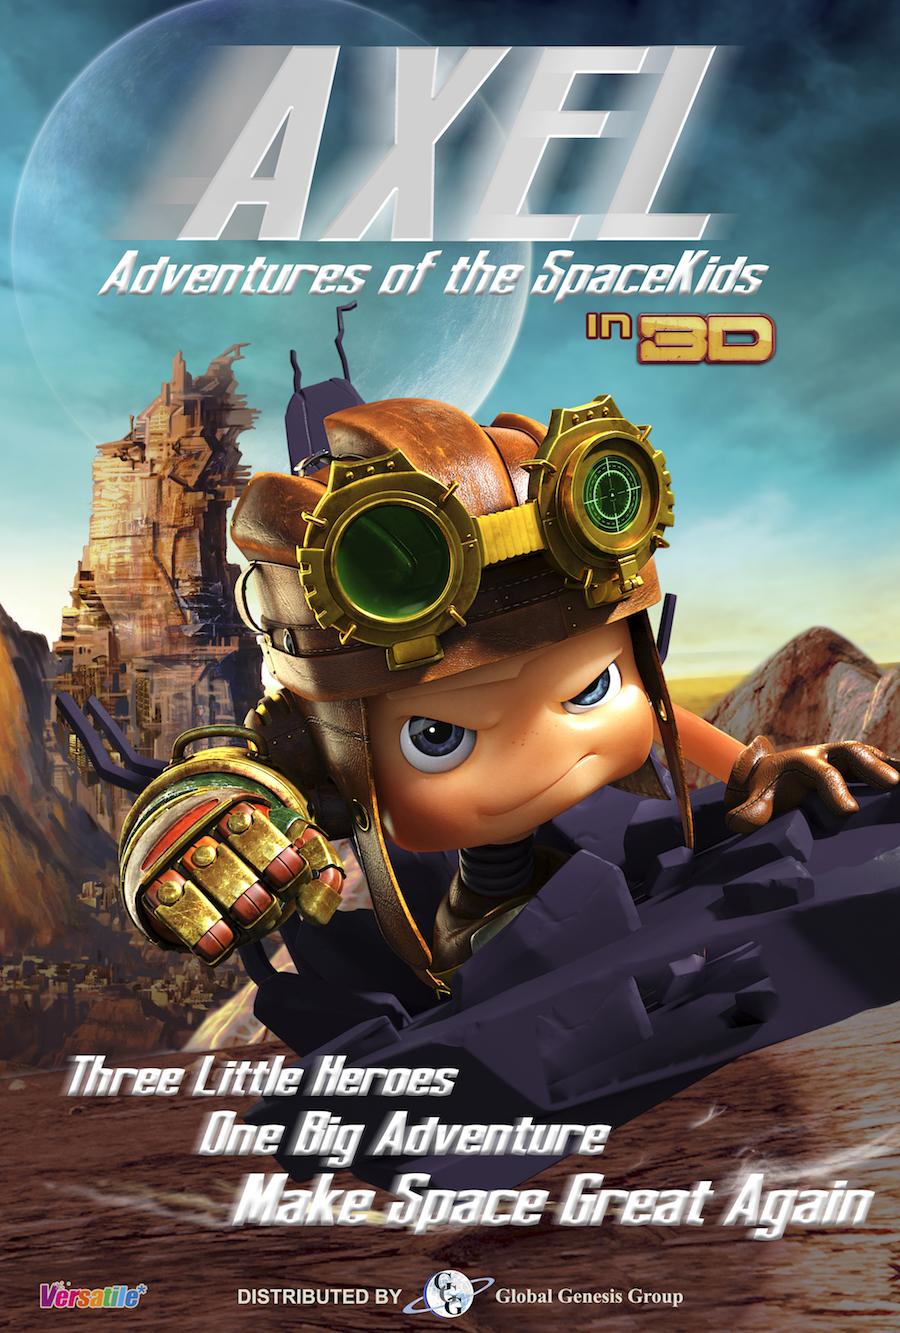 Axel 2: Adventures of the Spacekids (2017) - IMDb